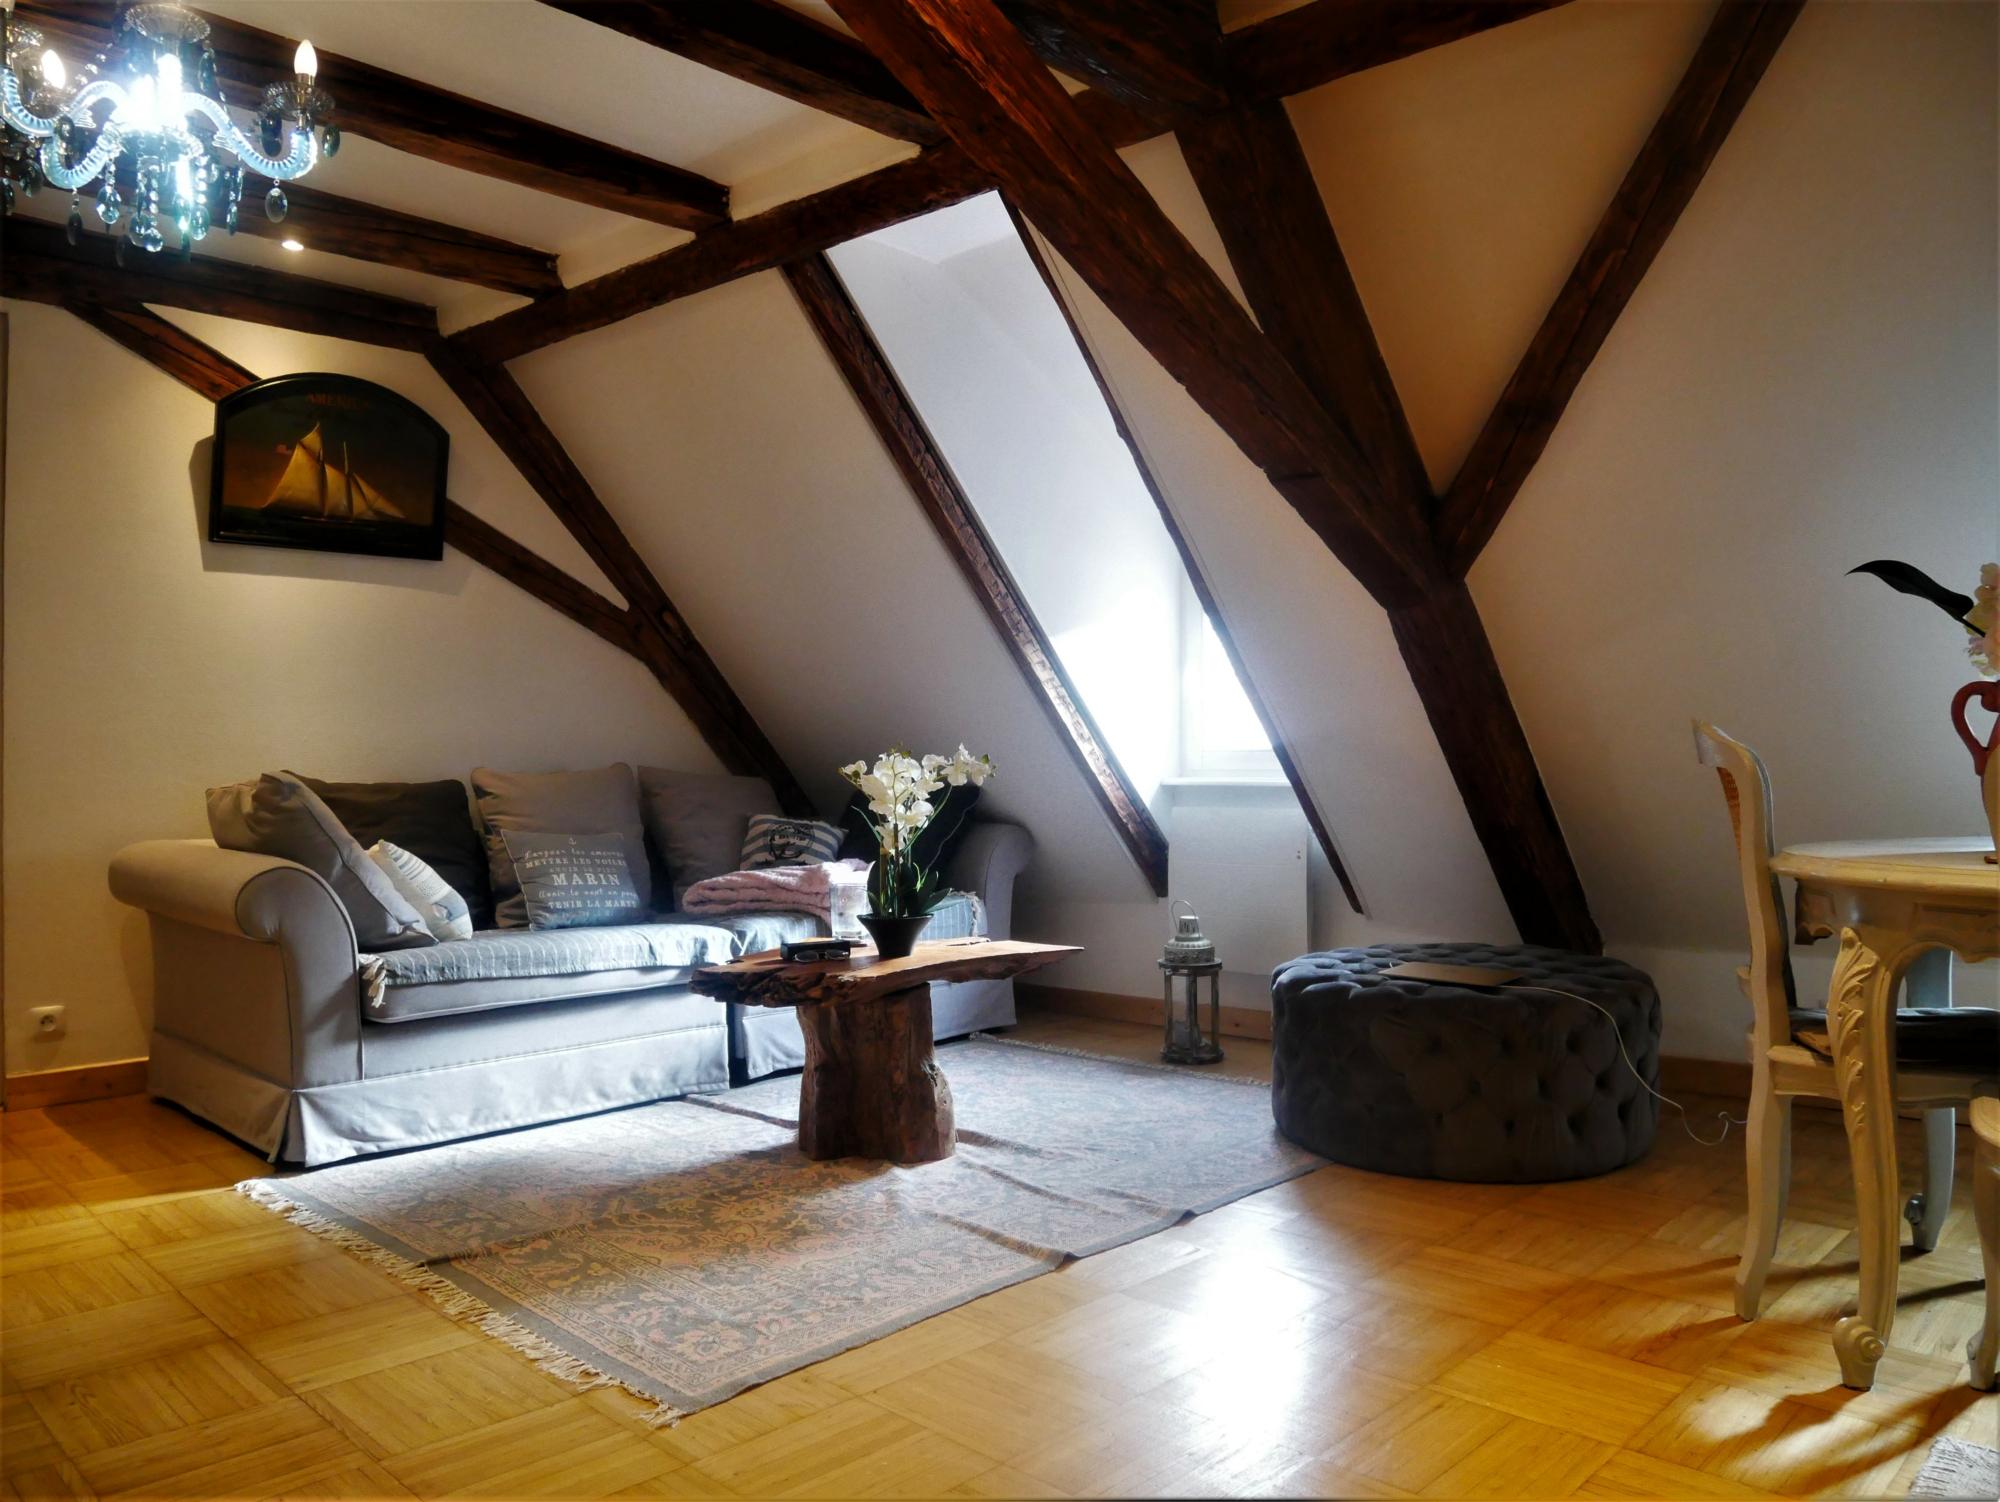 [Vénus] 3 pièces meublé en duplex - Hypercentre / rue des Juifs - nos locations - Beausite Immobilier 2